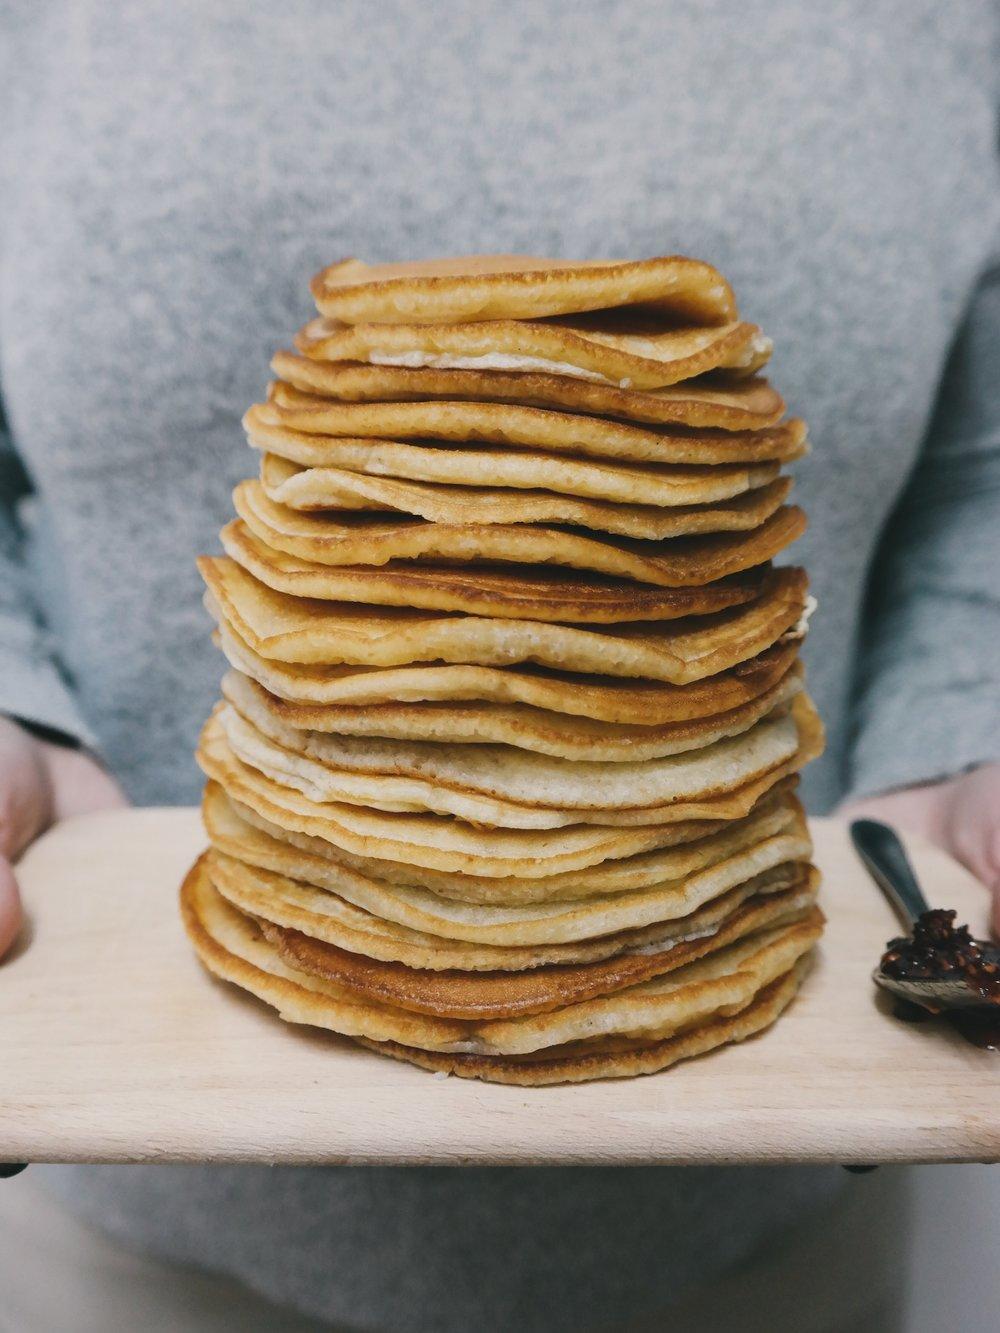 pcakes.jpg